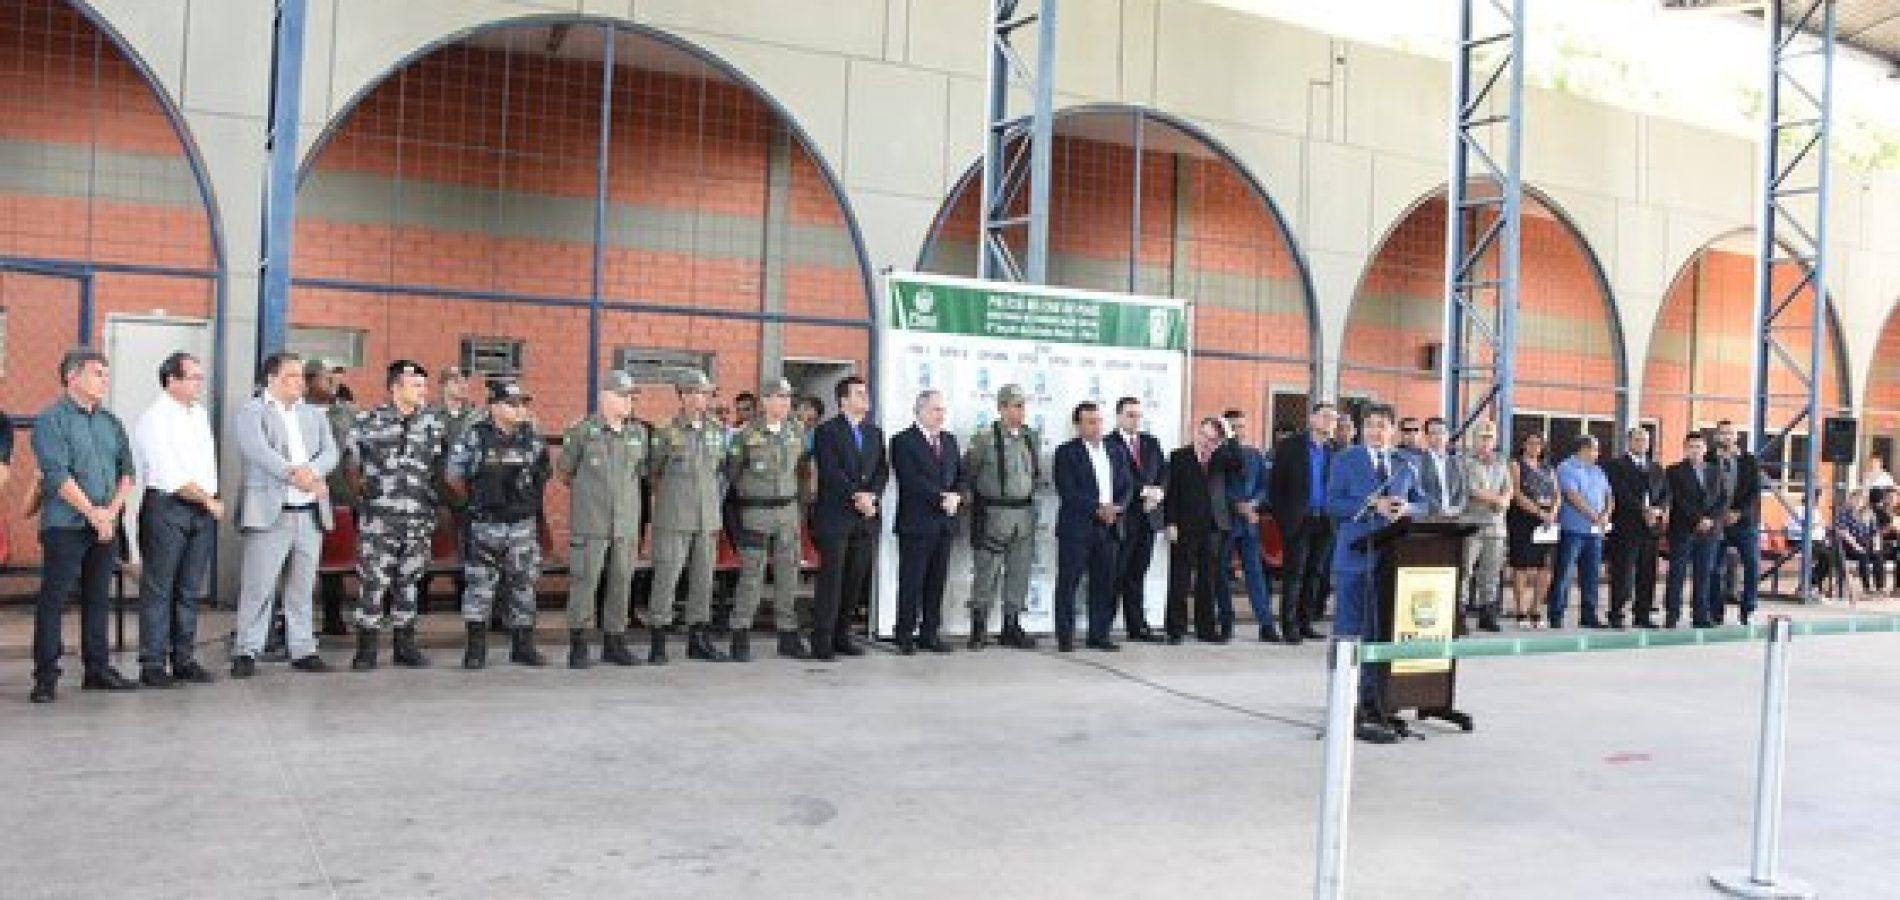 Wellington Dias realiza entrega de 11 viaturas à Polícia Militar; município de Picos é contemplado